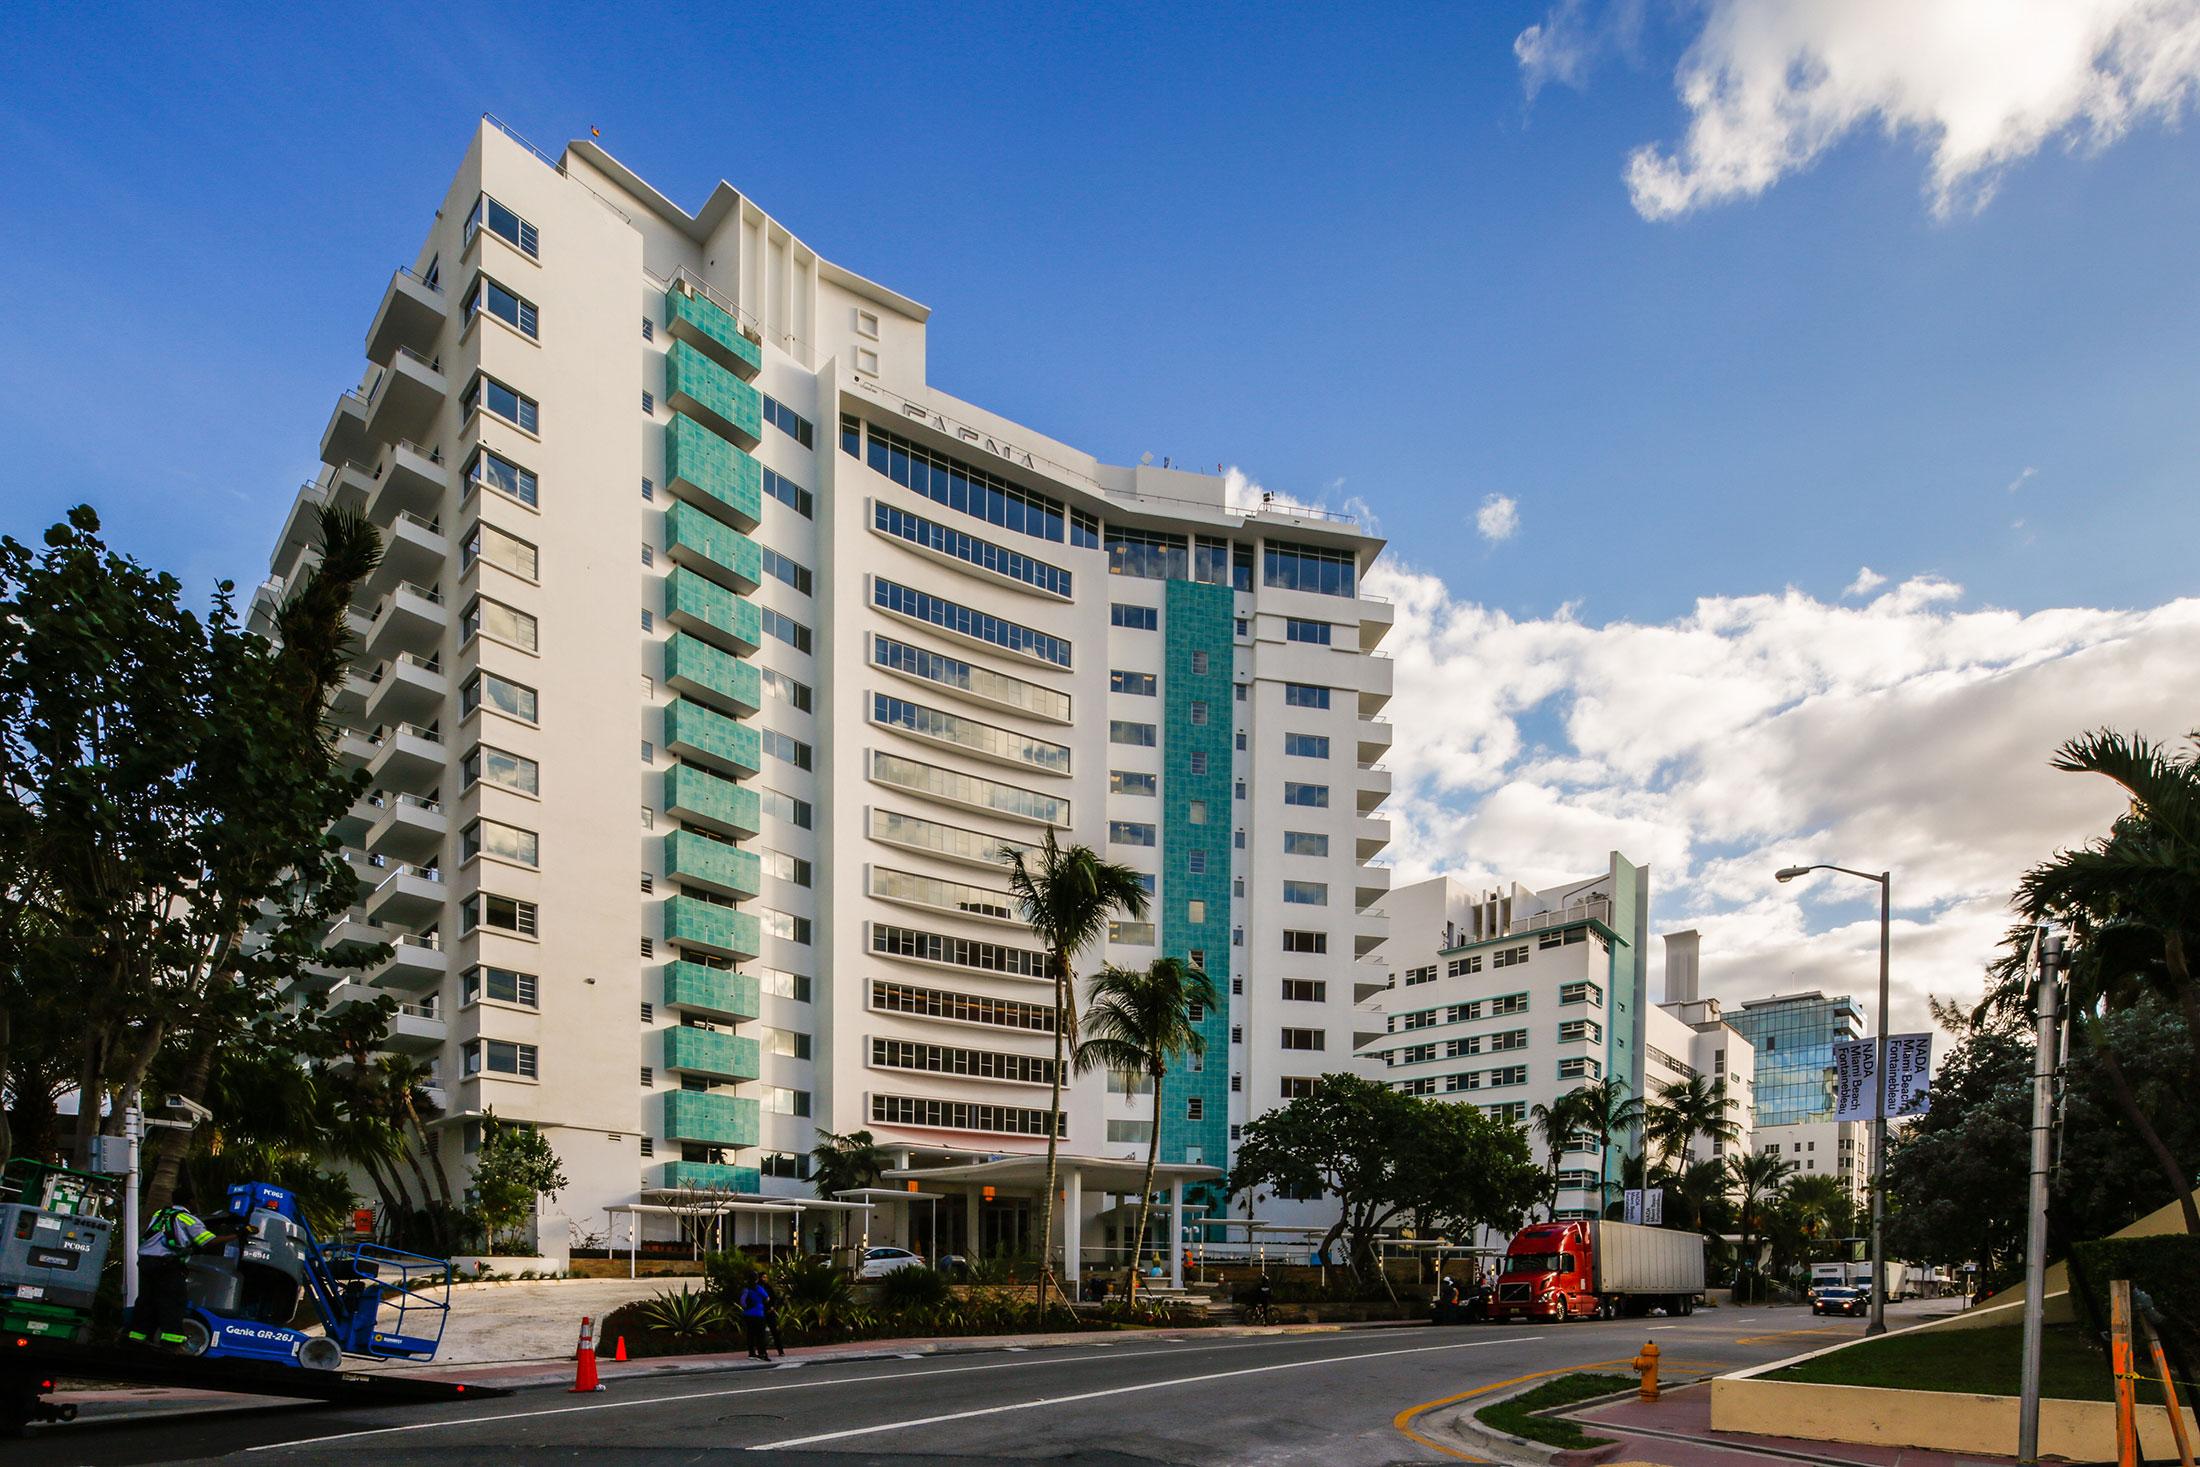 Faena Hotel - Miami Beach, FL